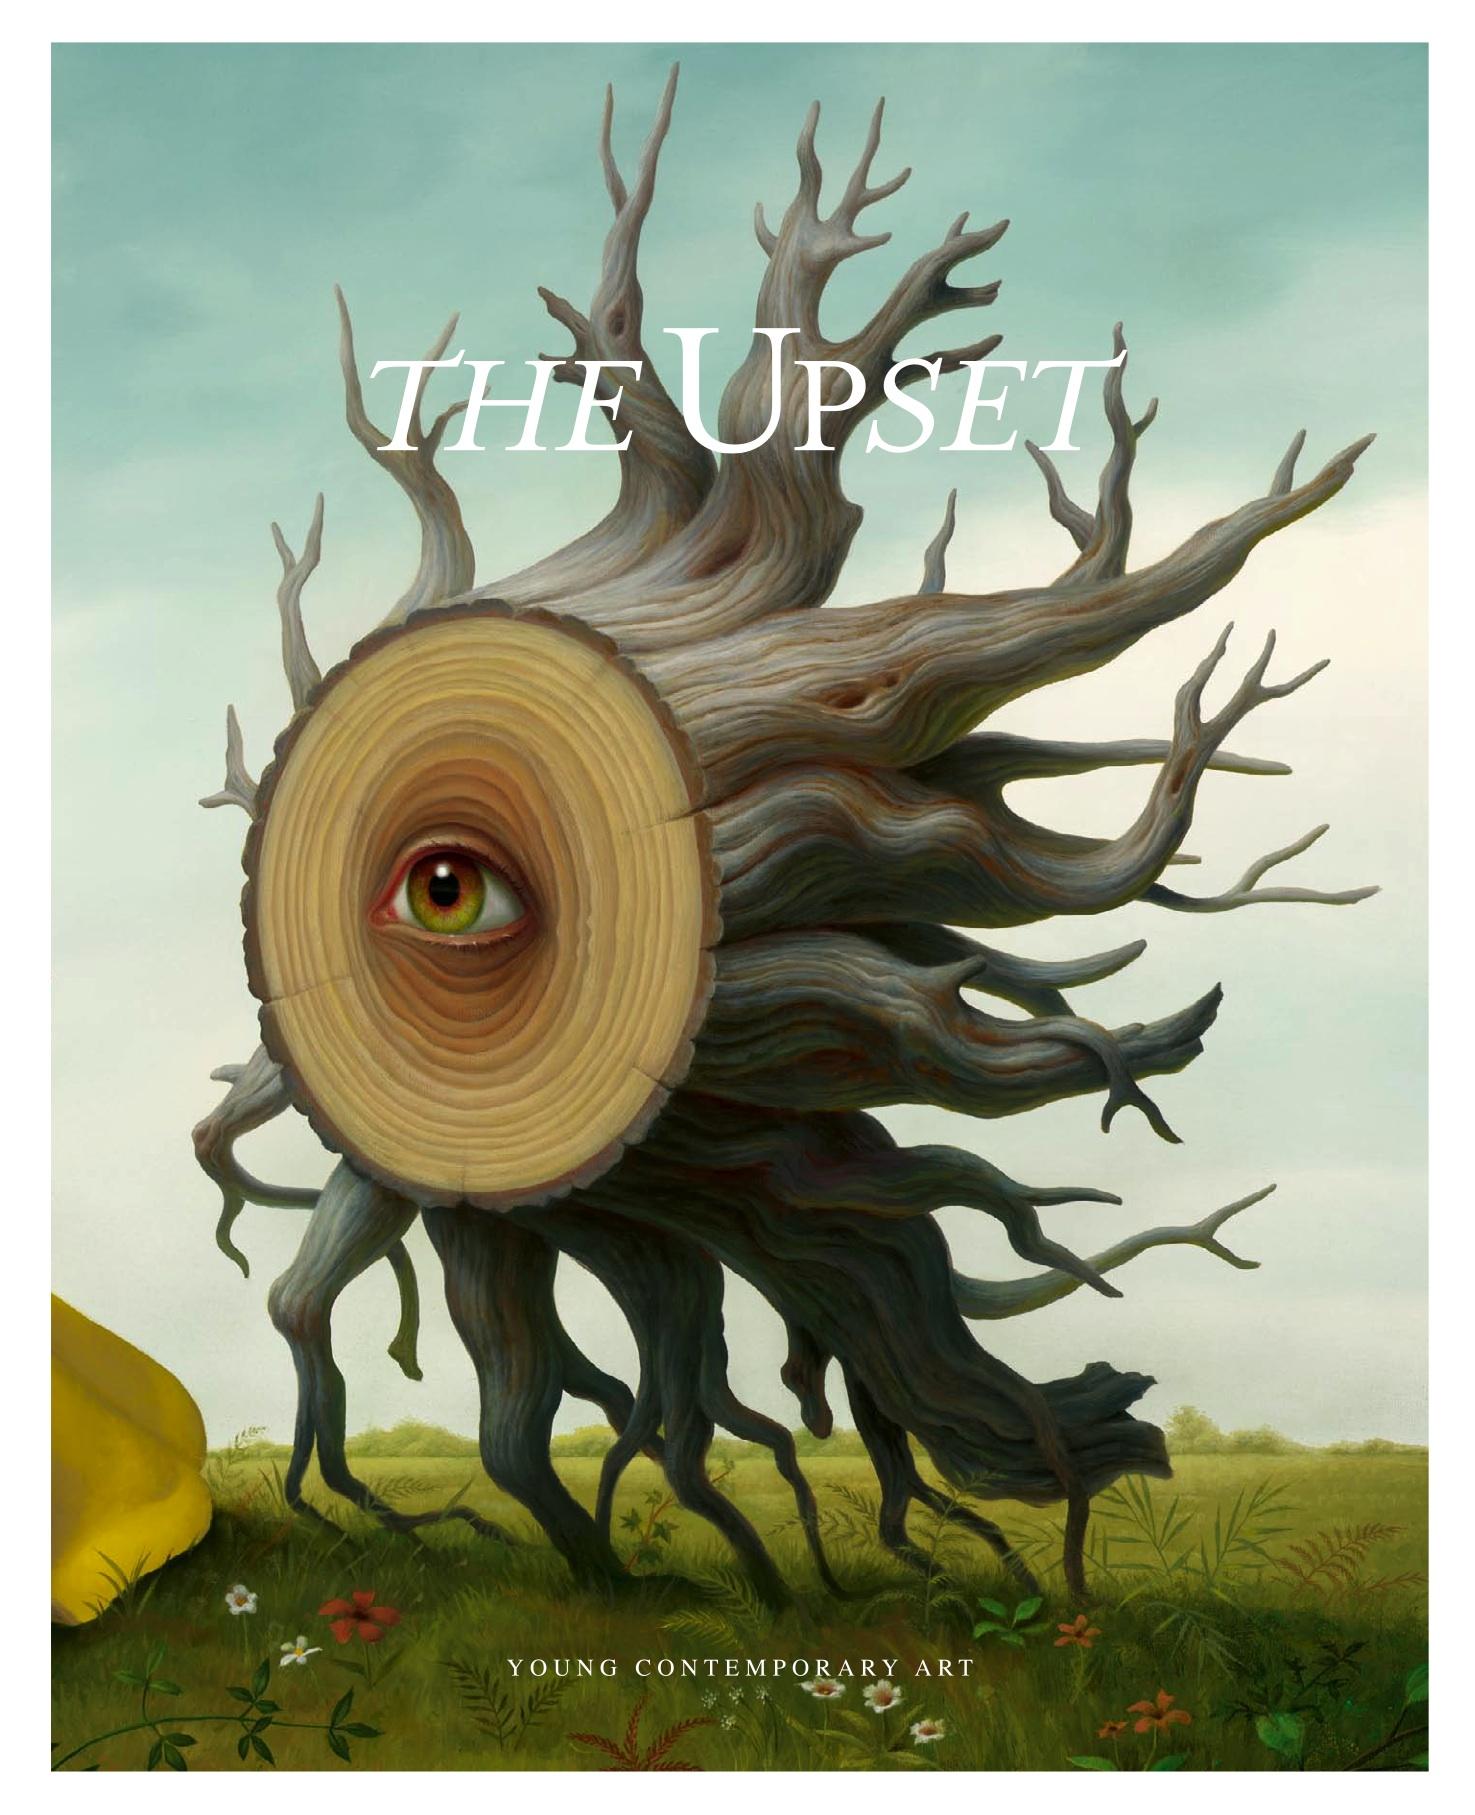 https://i1.wp.com/hilobrow.com/wp-content/uploads/2009/04/theupset_cover.jpg